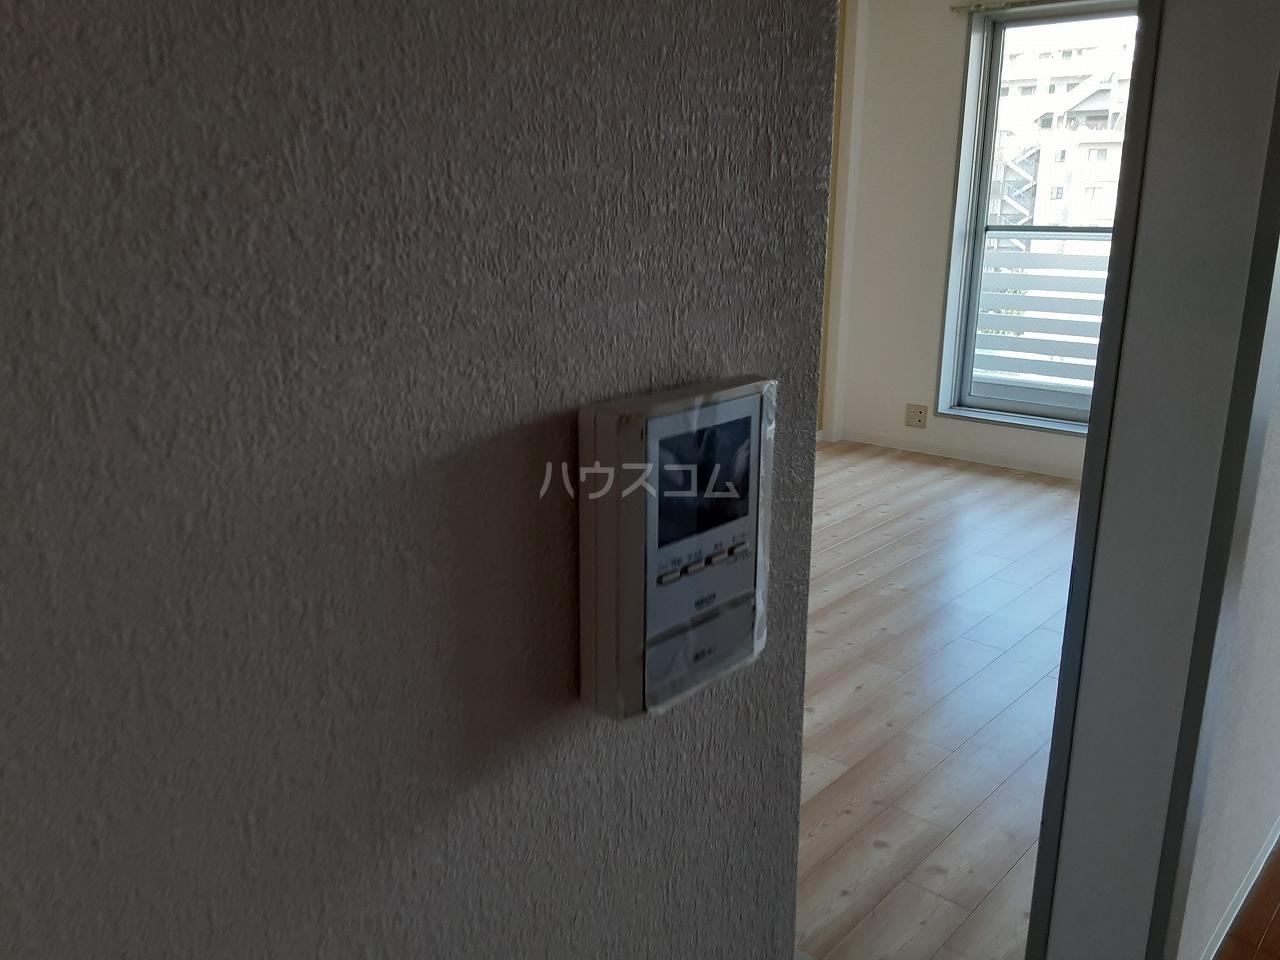 ロイヤルメゾン松ヶ丘 303号室のその他